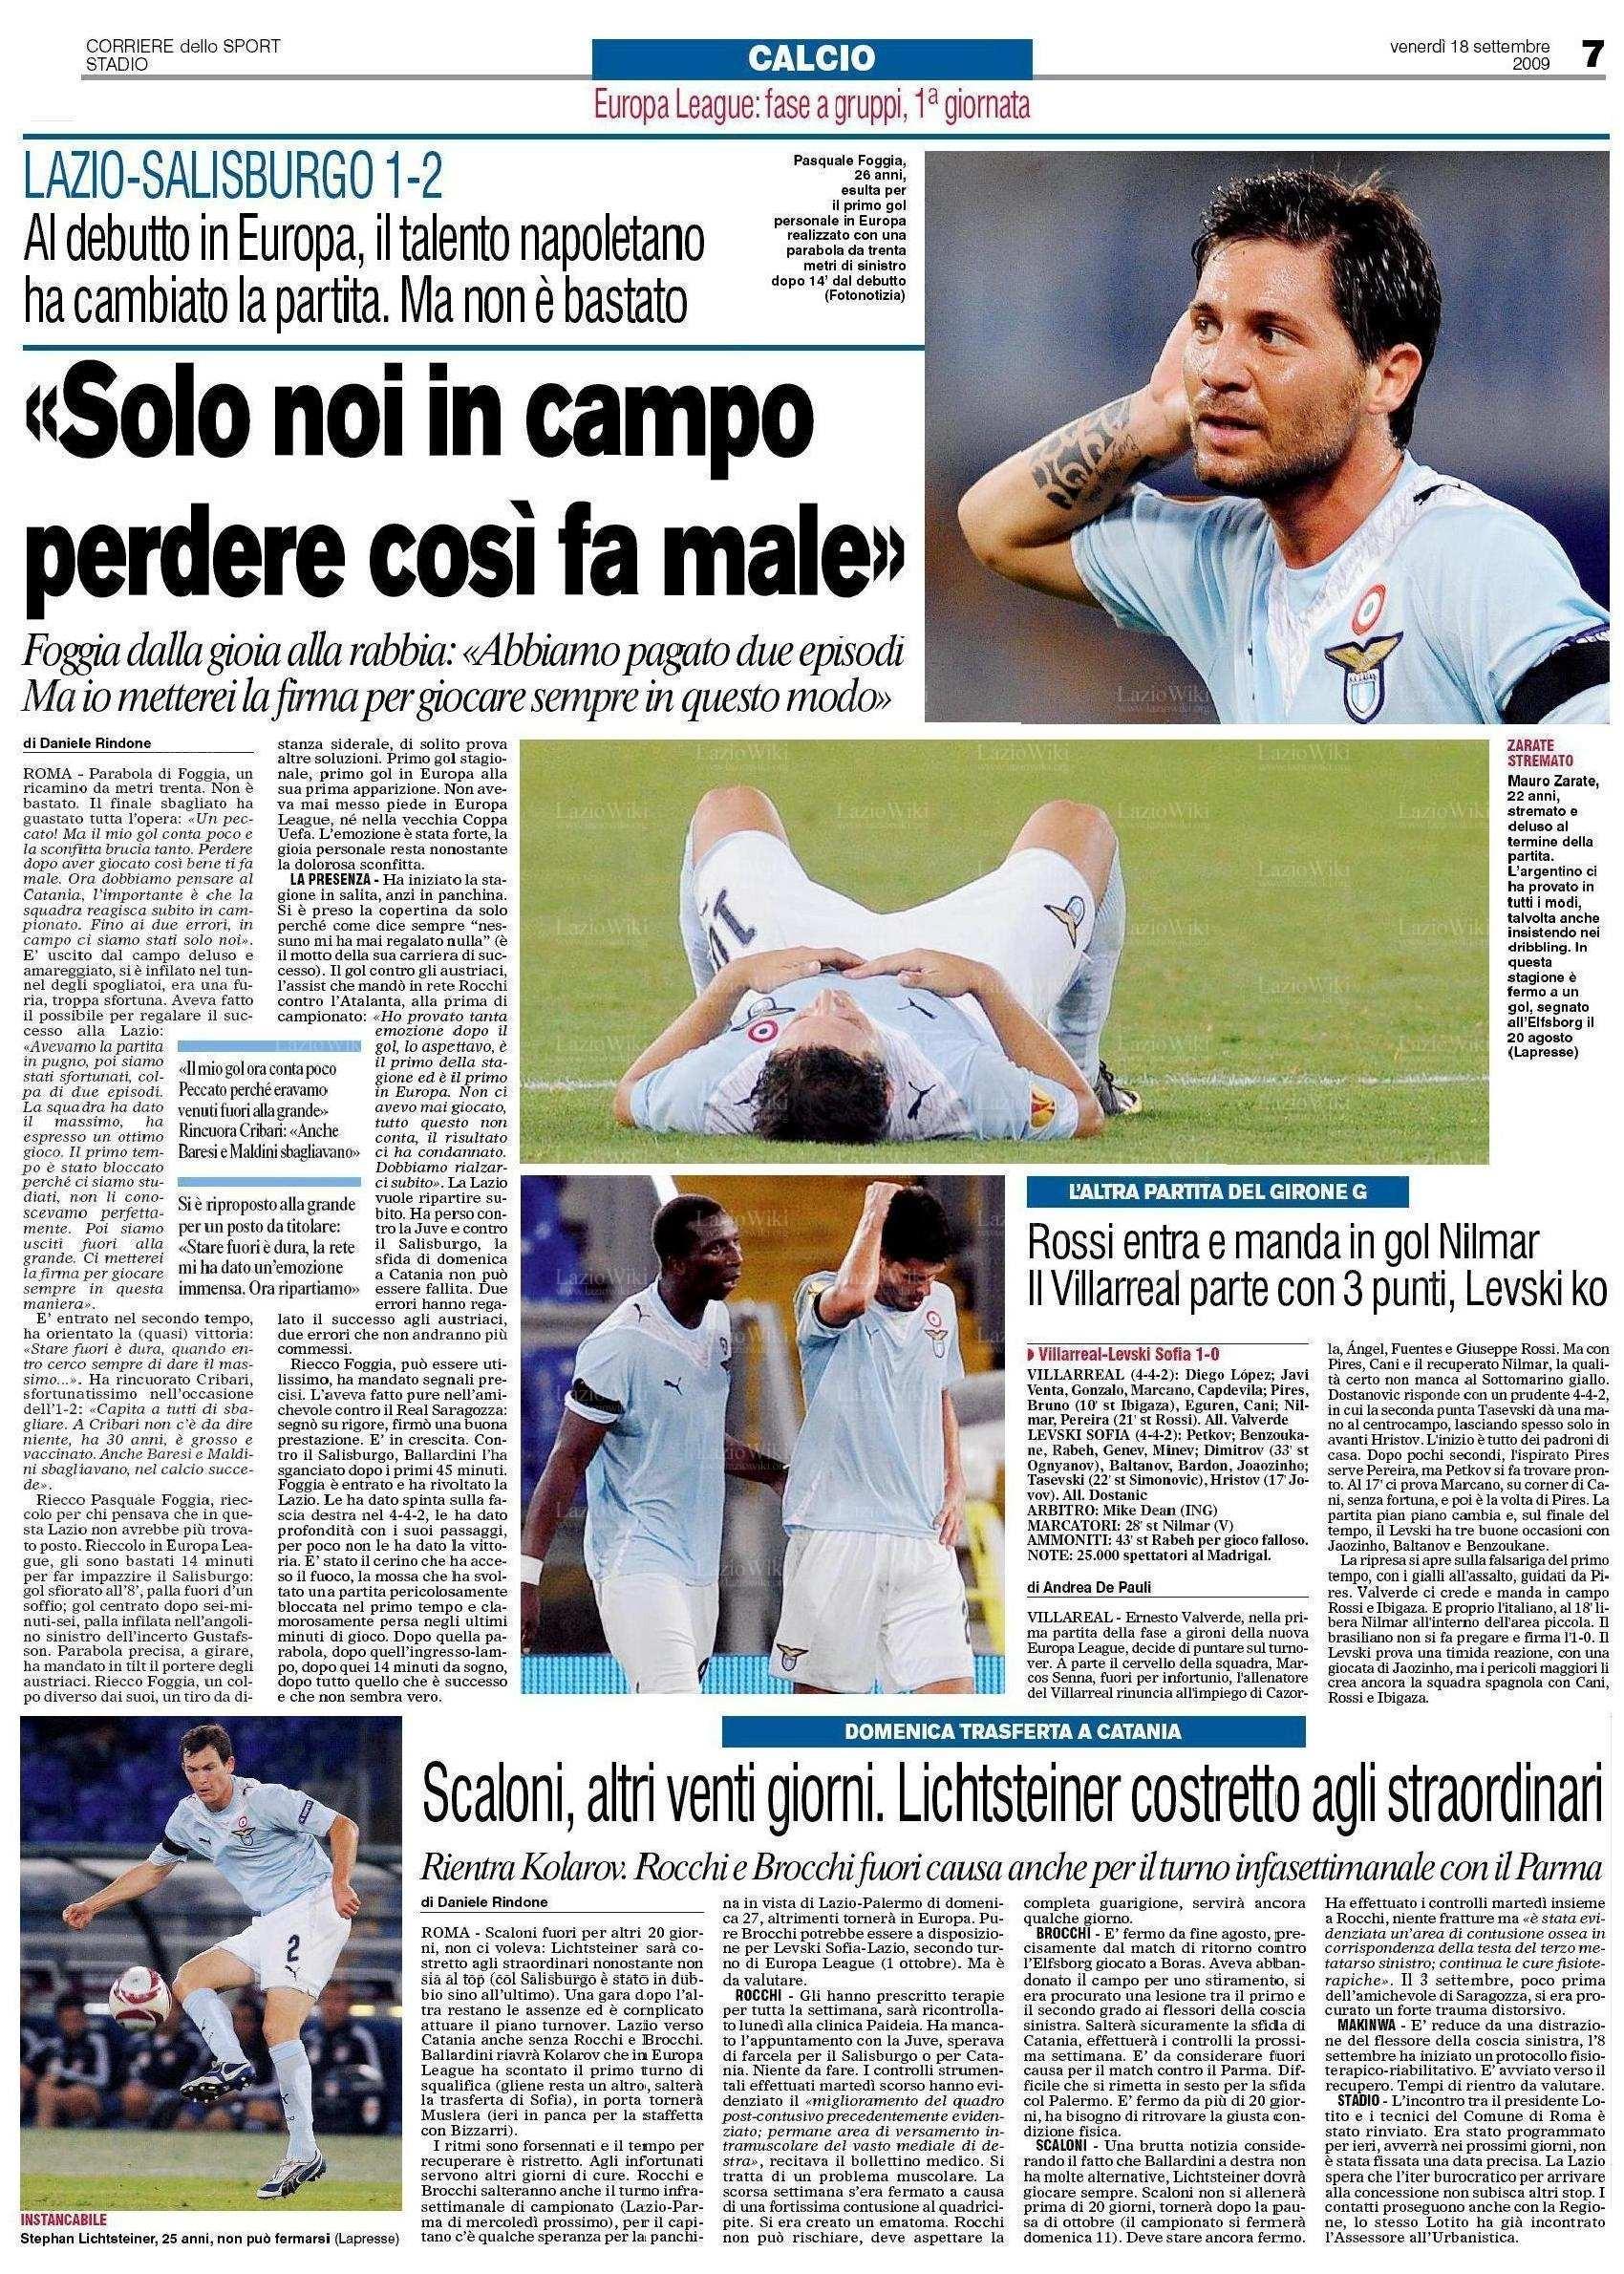 Giovedi 17 settembre 2009 Roma stadio Olimpico Lazio Red Bull